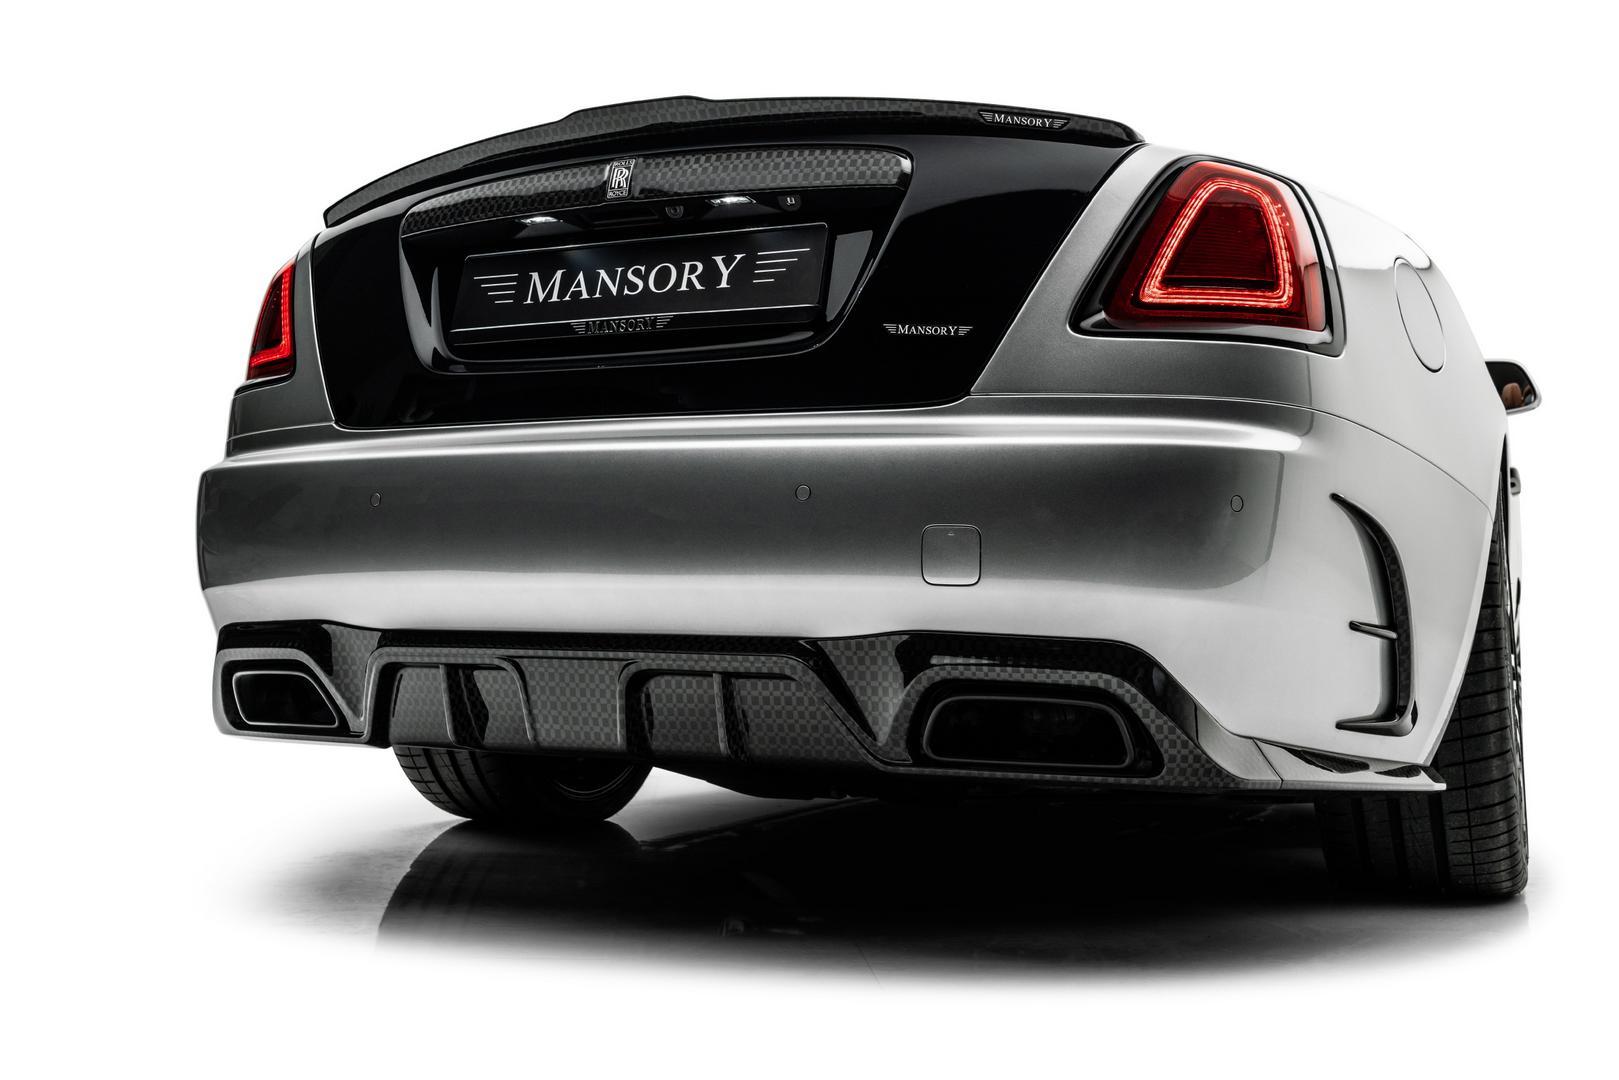 Mansory RR Dawn rear diffuser